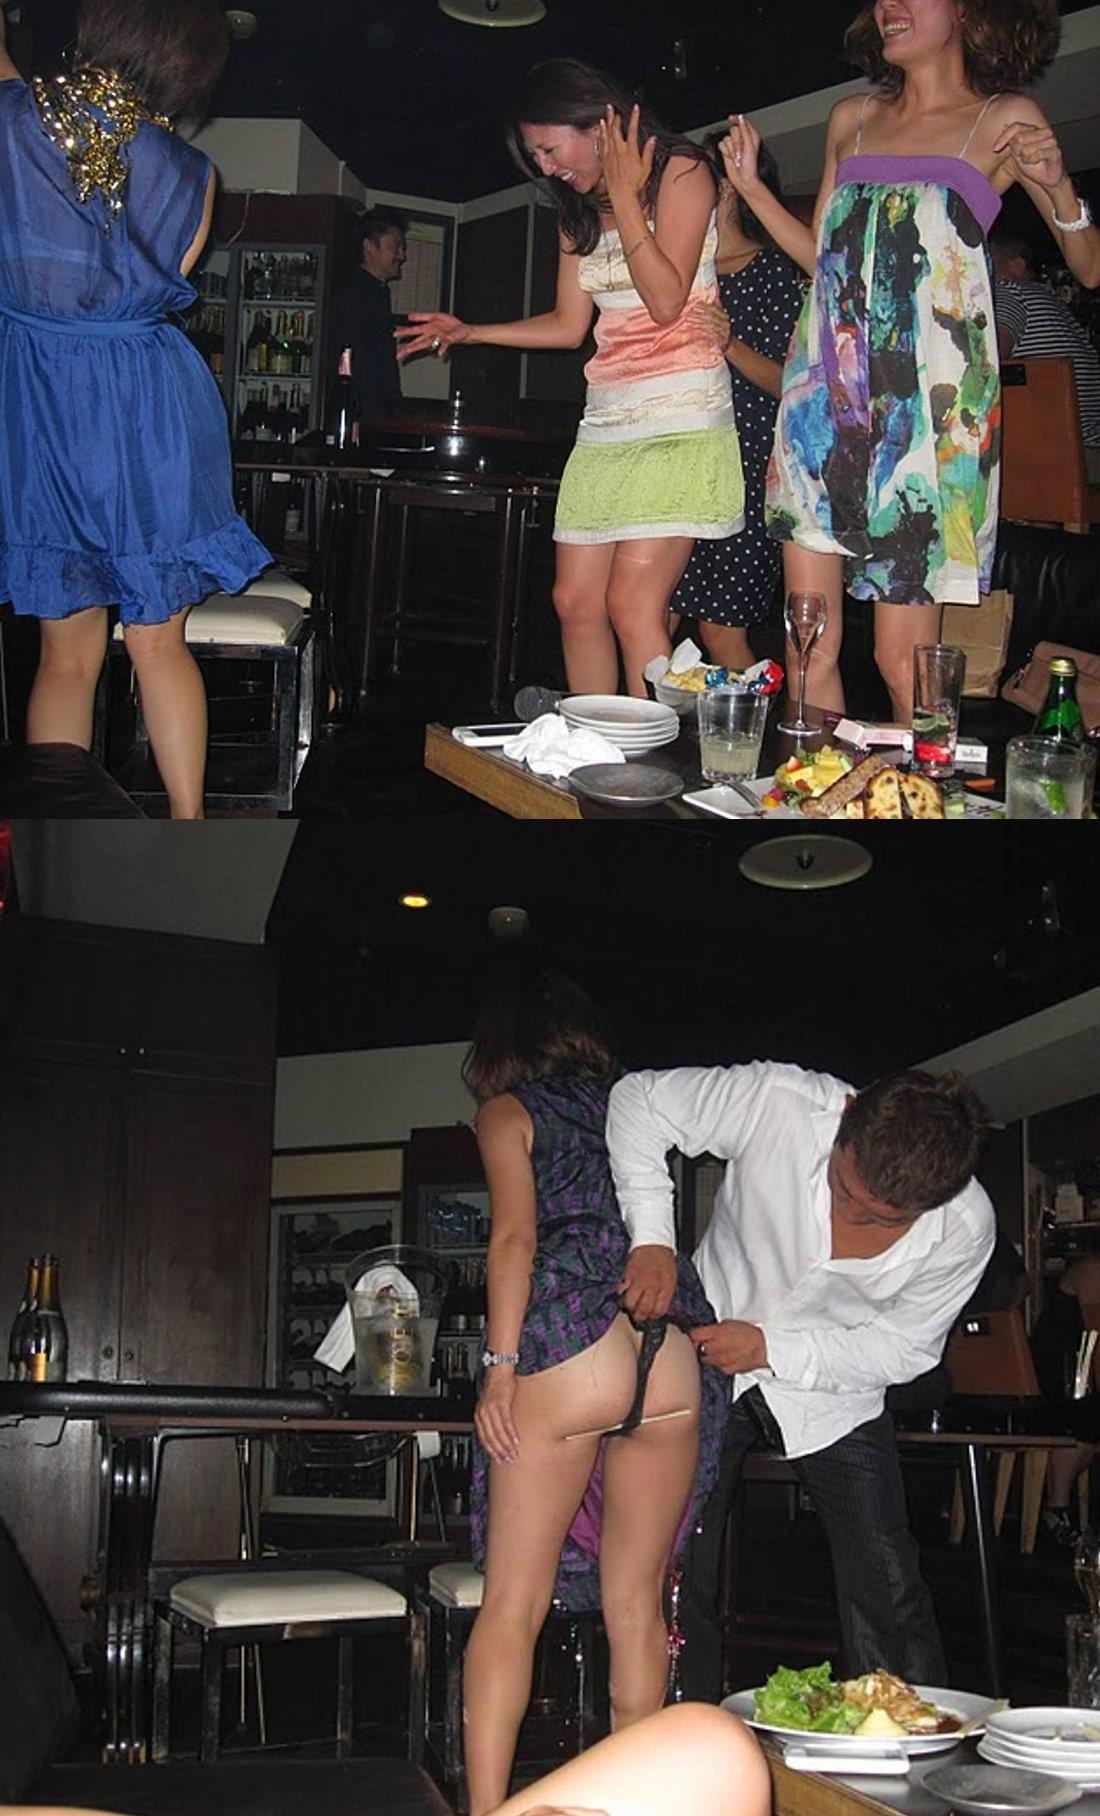 キャバ嬢が酔って調子こいておパンツ、おっぱい丸出しでおふざけしすぎwwwww 0131